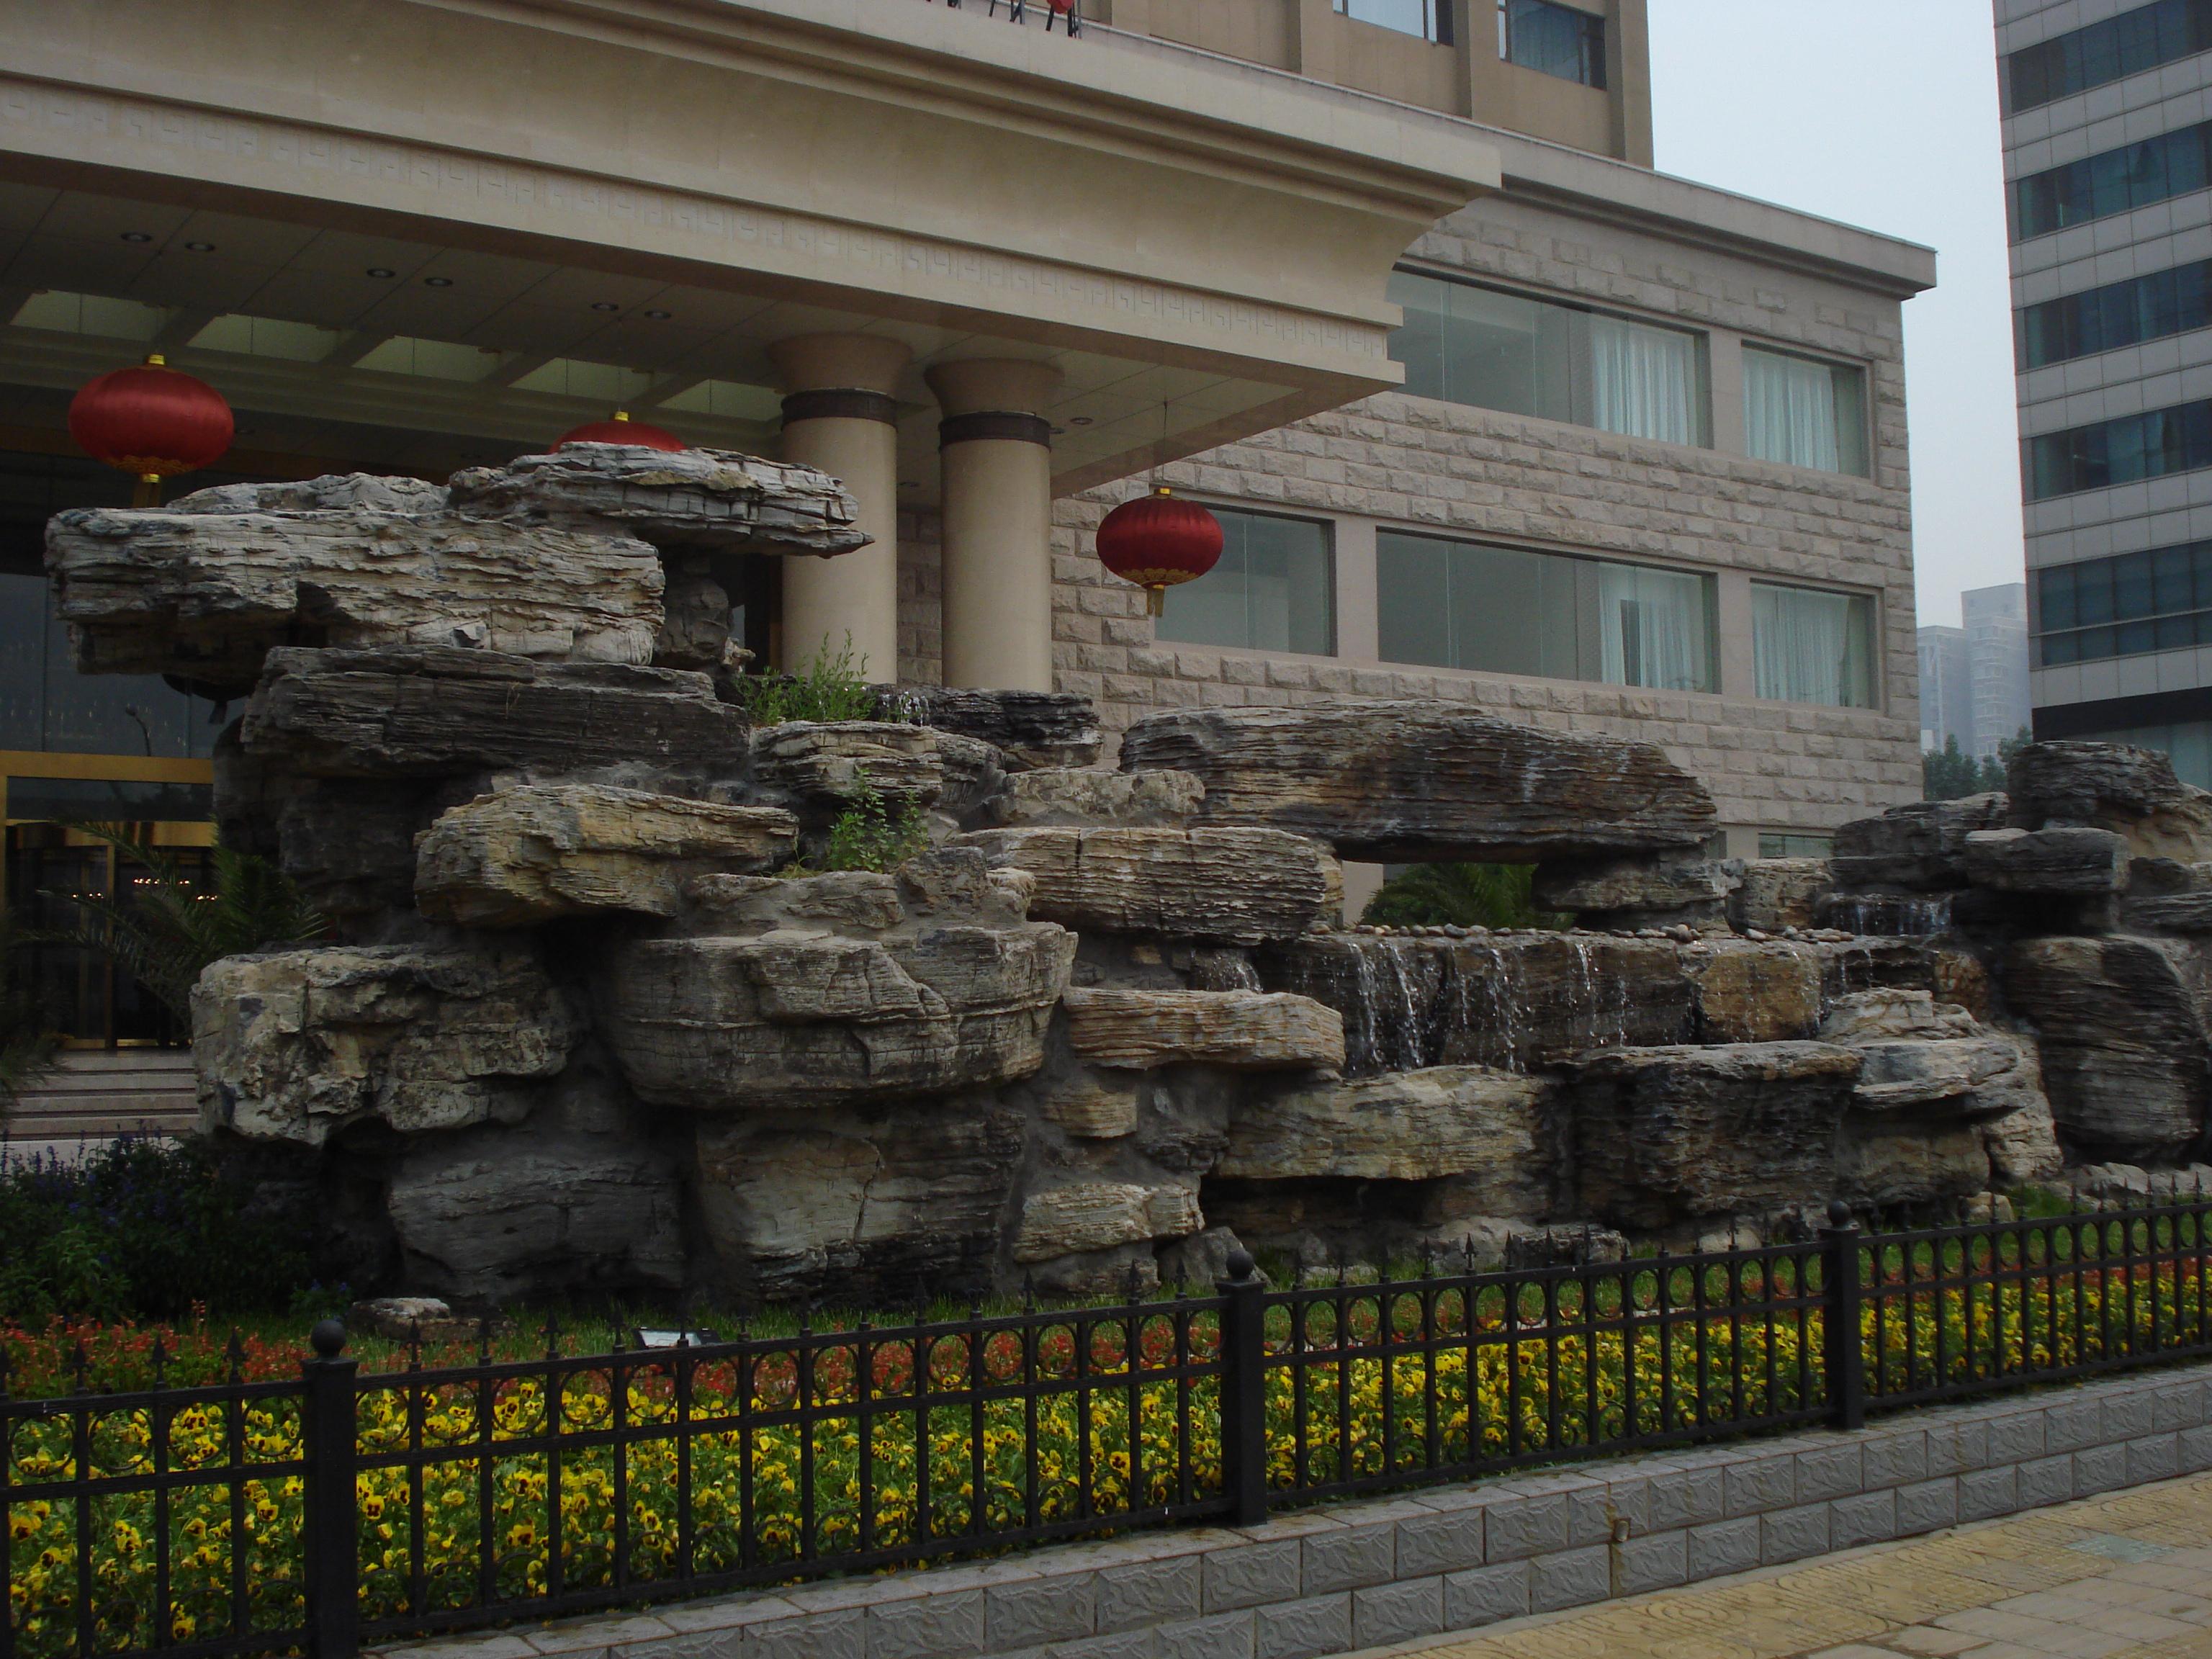 6-大成路9号酒店